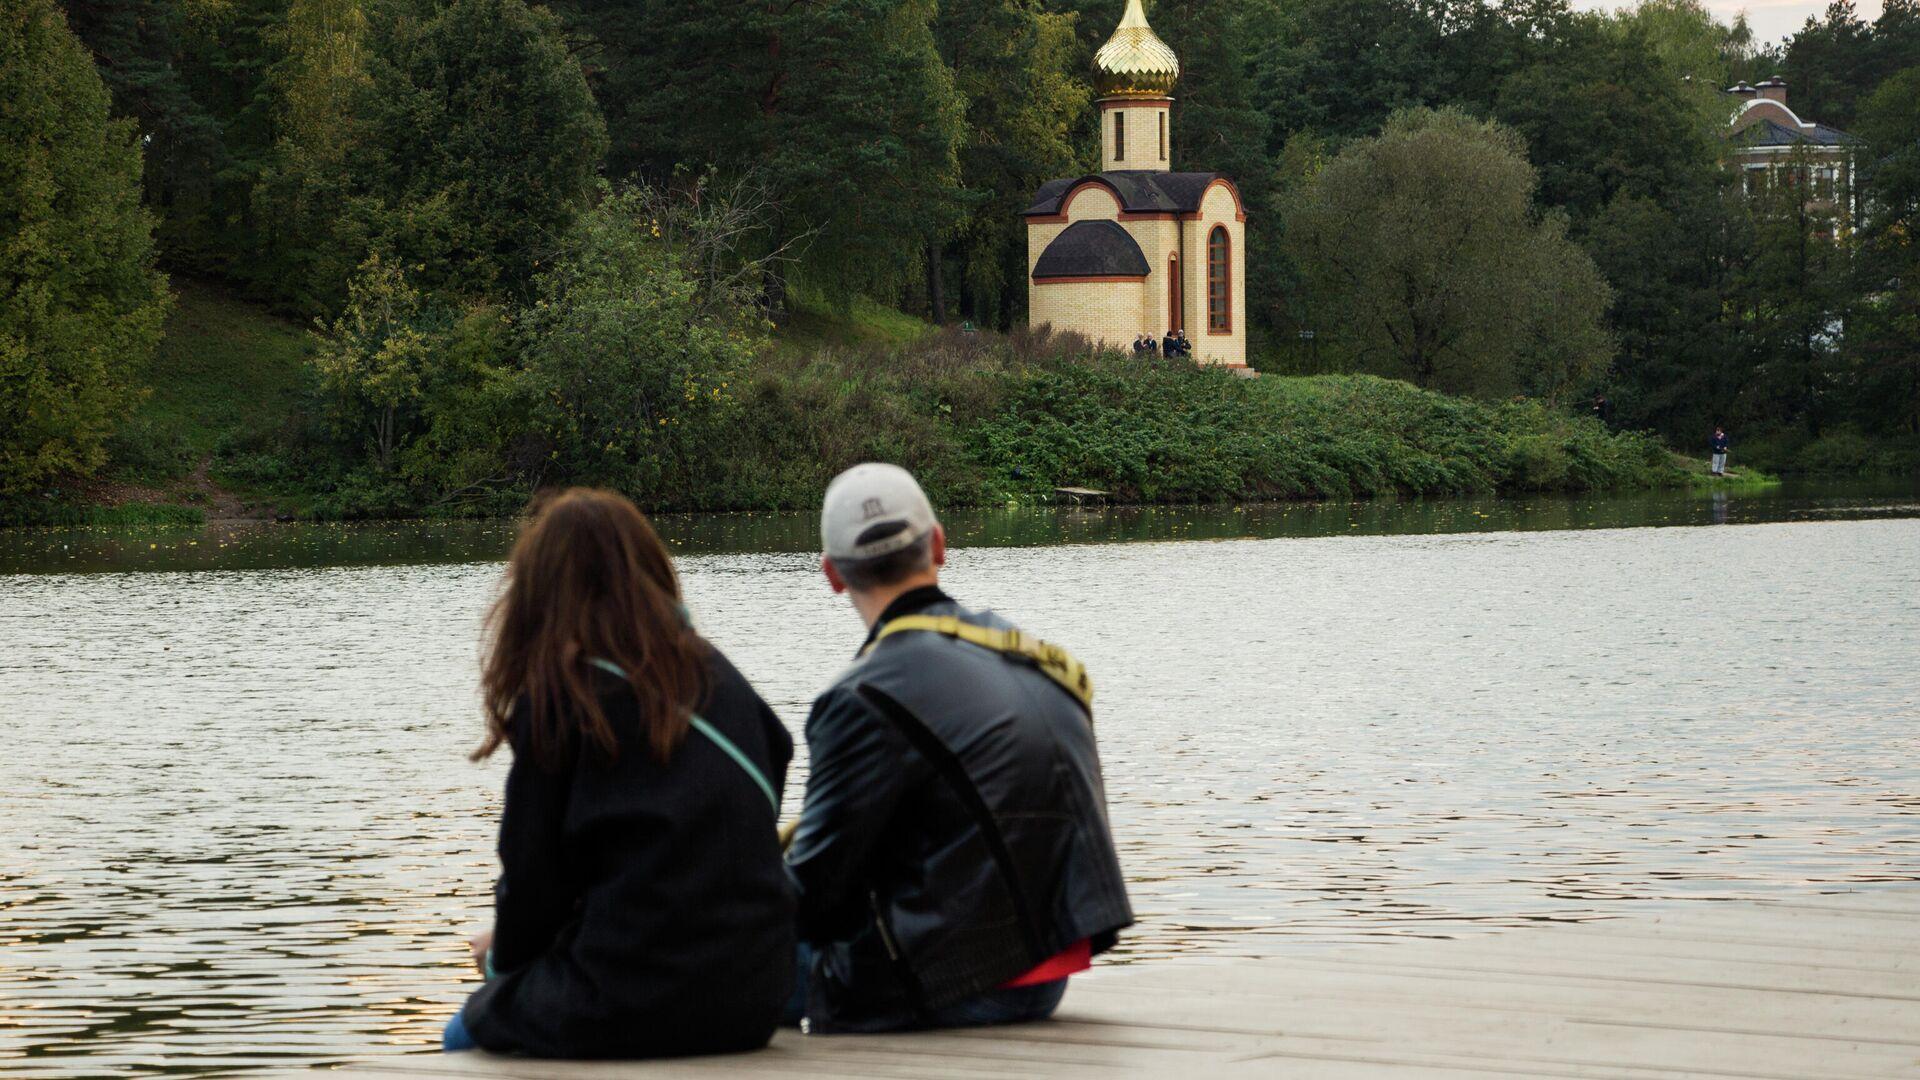 Молодые люди отдыхают в усадебном парке Суханово в Московской области - РИА Новости, 1920, 30.08.2021